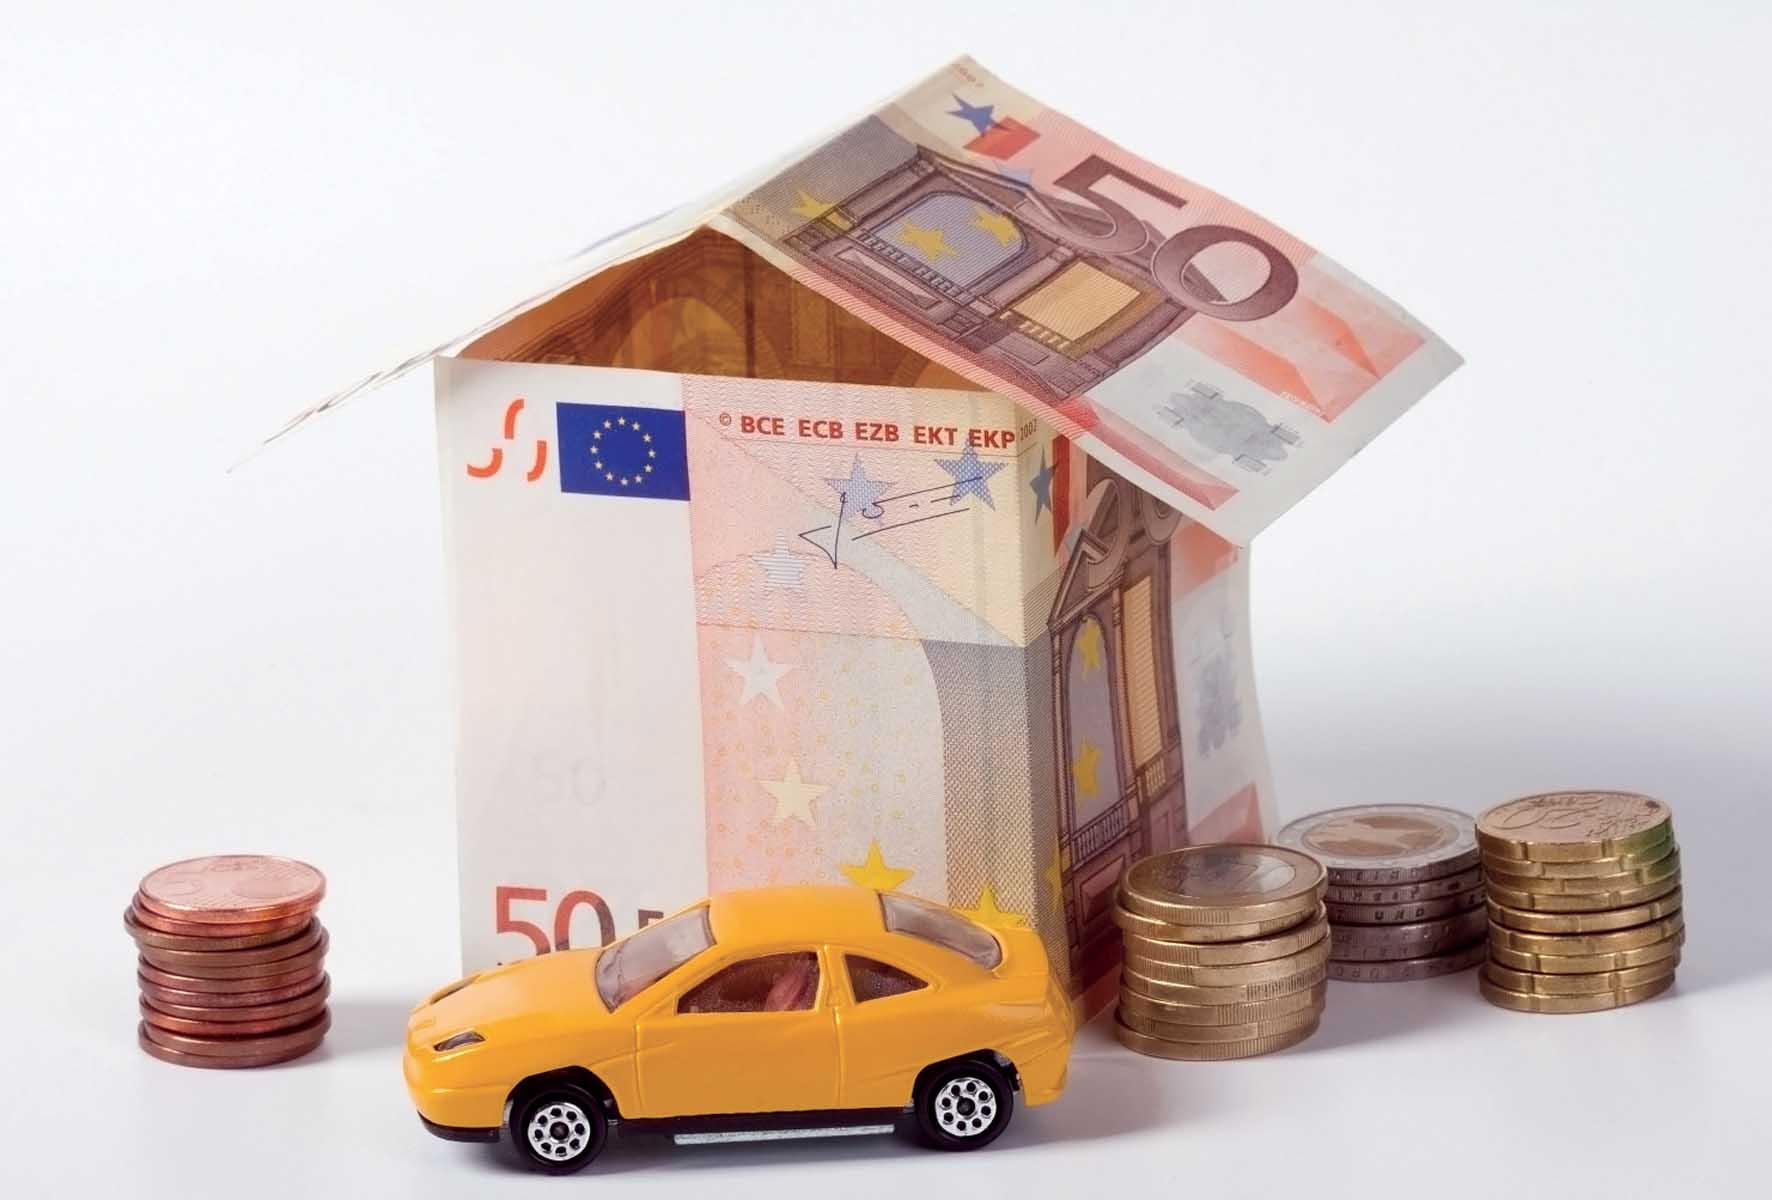 euro soldi tasse assicurazioni casa auto 1